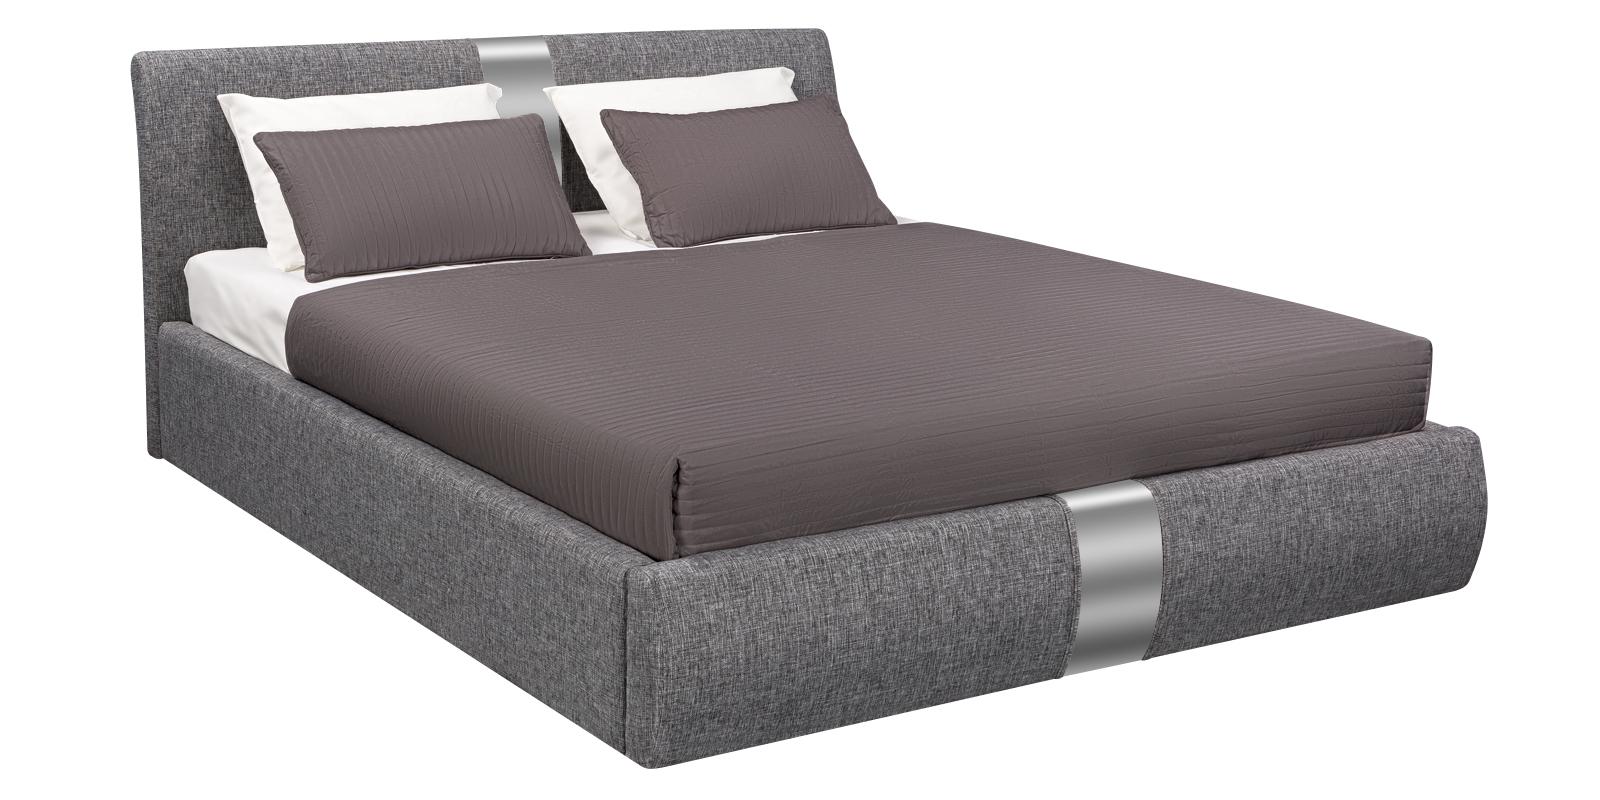 Кровать мягкая Флора с подъемным механизмом (Madagascar серый)